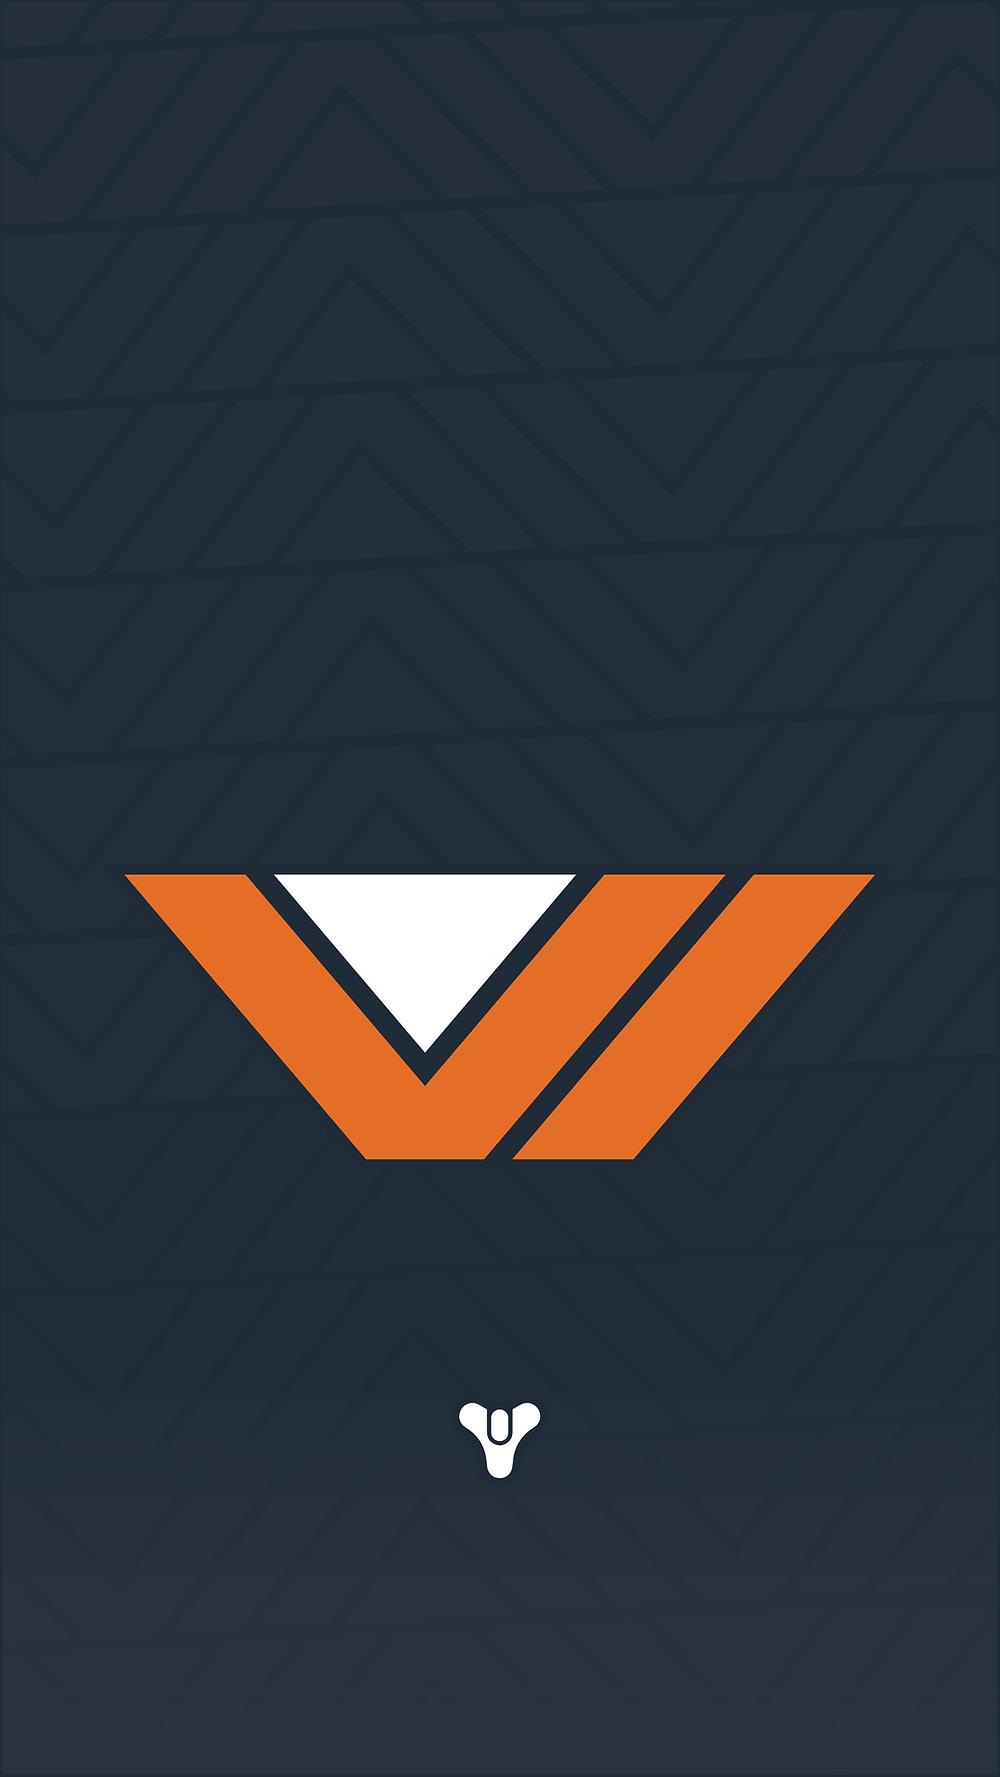 VANGUARD (Dark) - 1440x2560.png